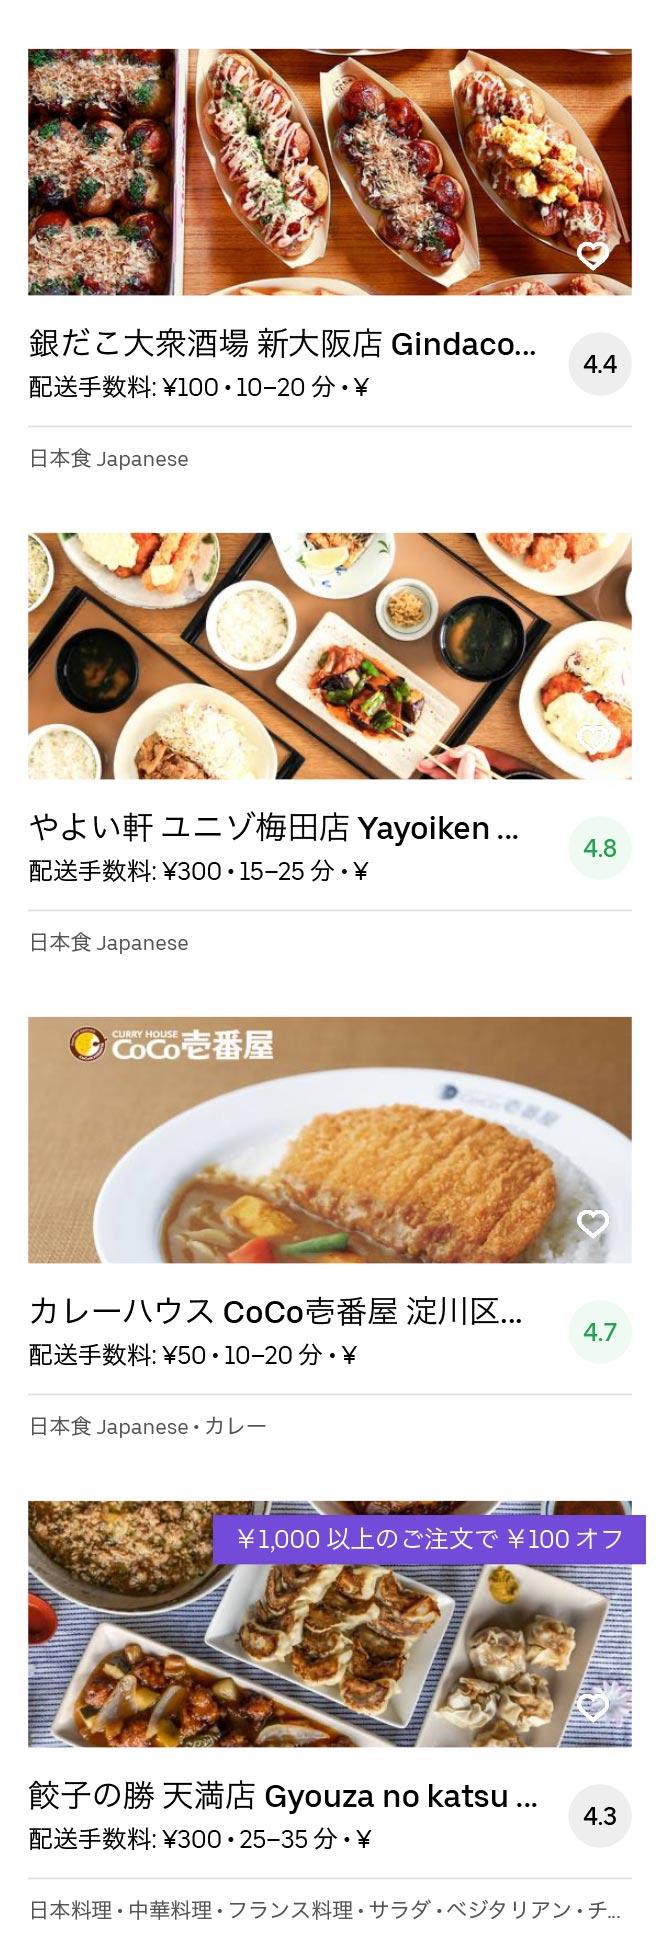 Osaka shin osaka menu 2005 03